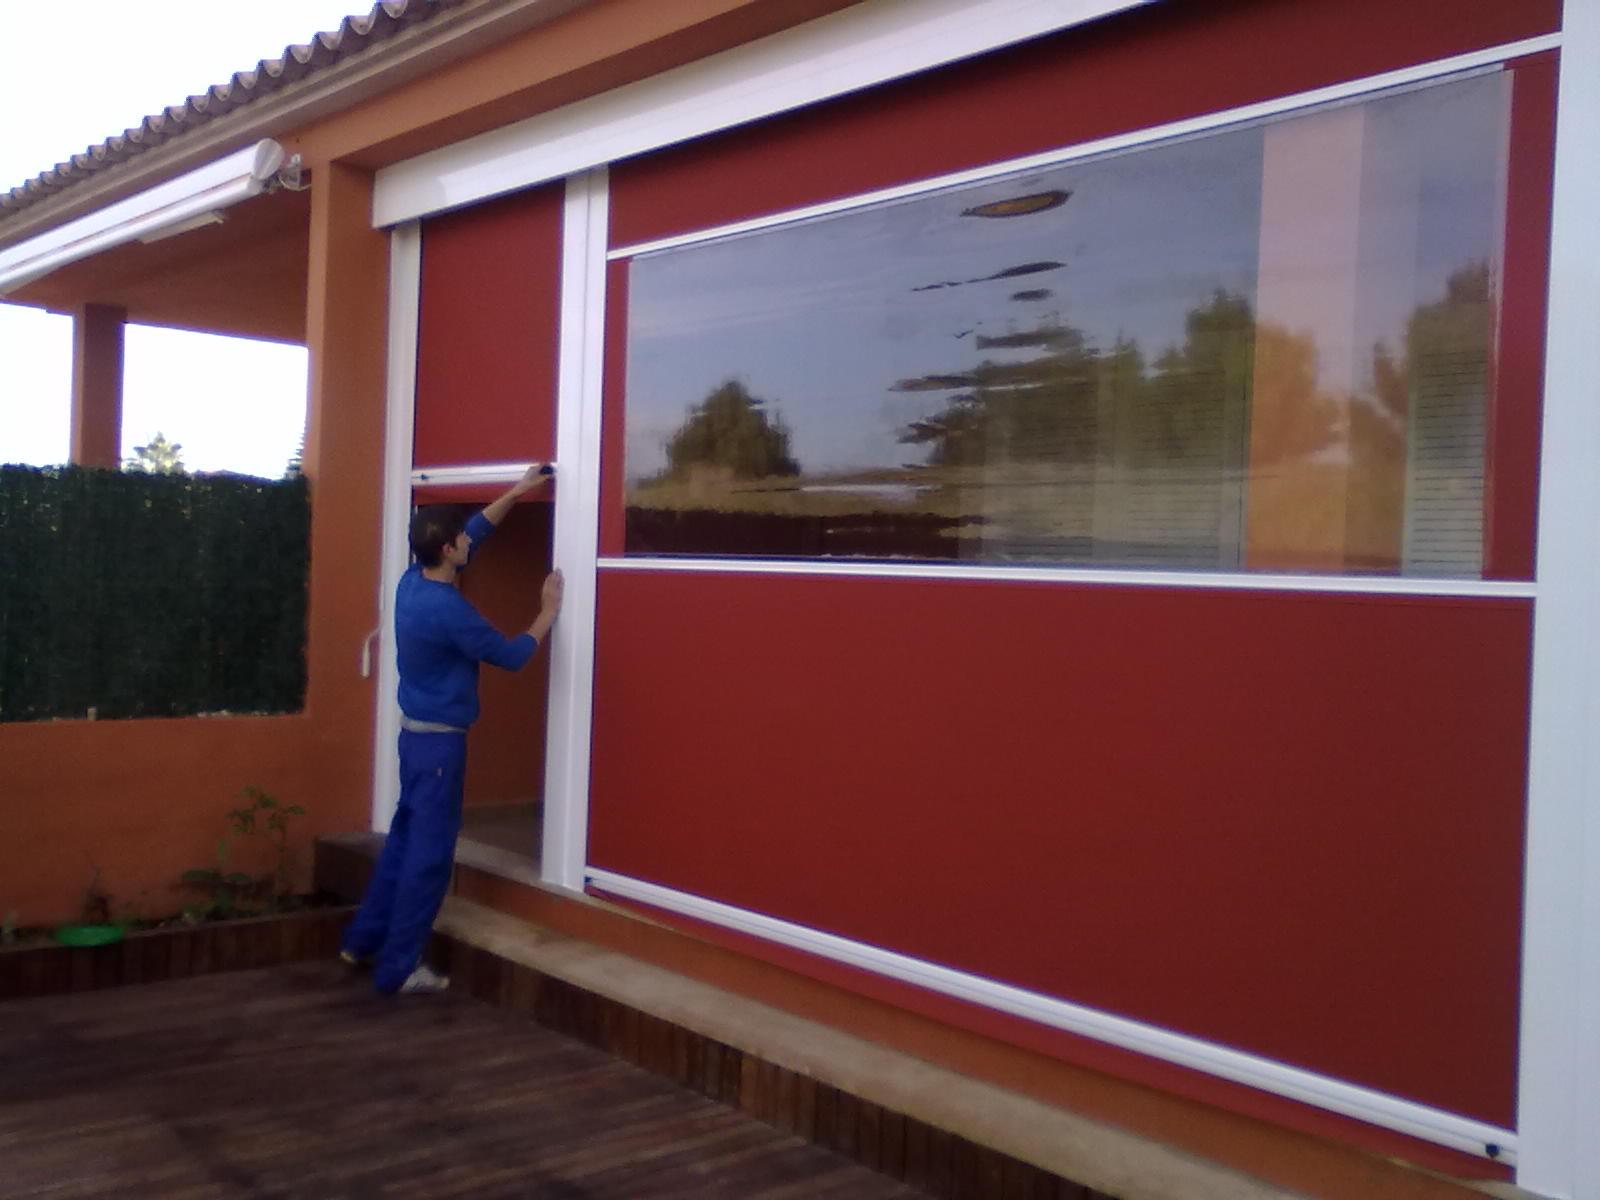 Toldos laterales para pergolas materiales de for Toldo lateral para terraza